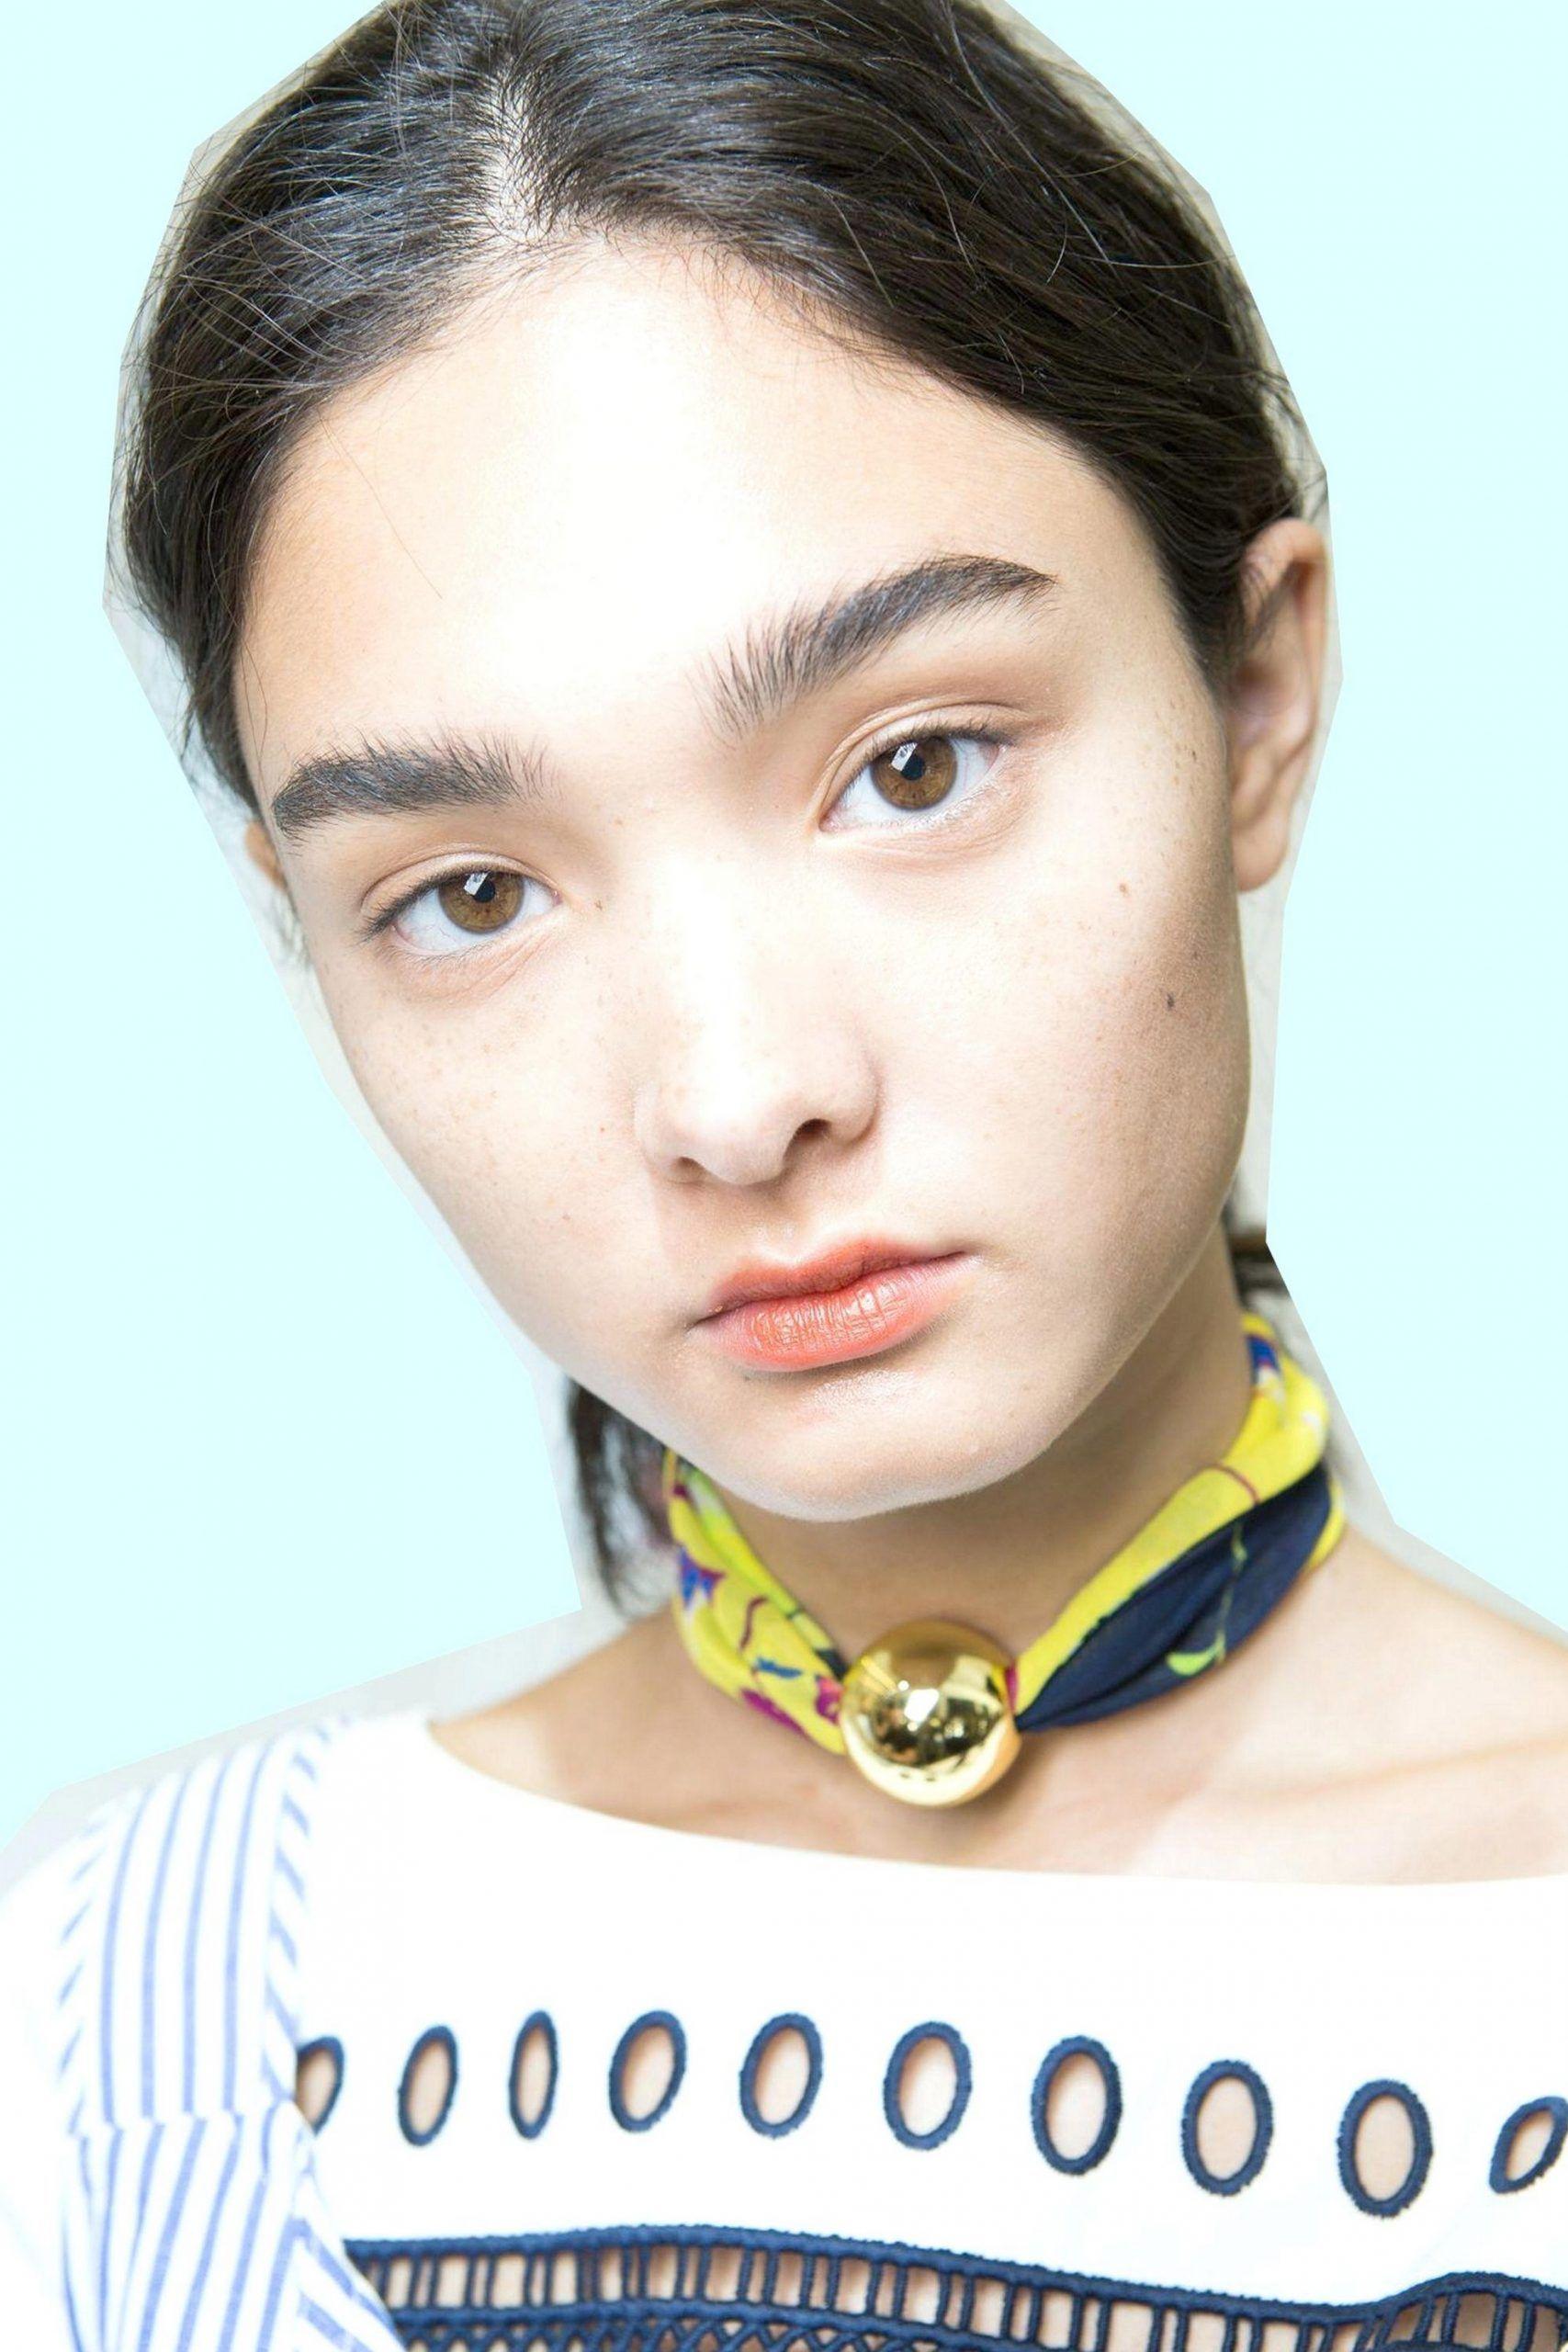 60+ Best Chosen Natural Makeup Inspirational Designs For